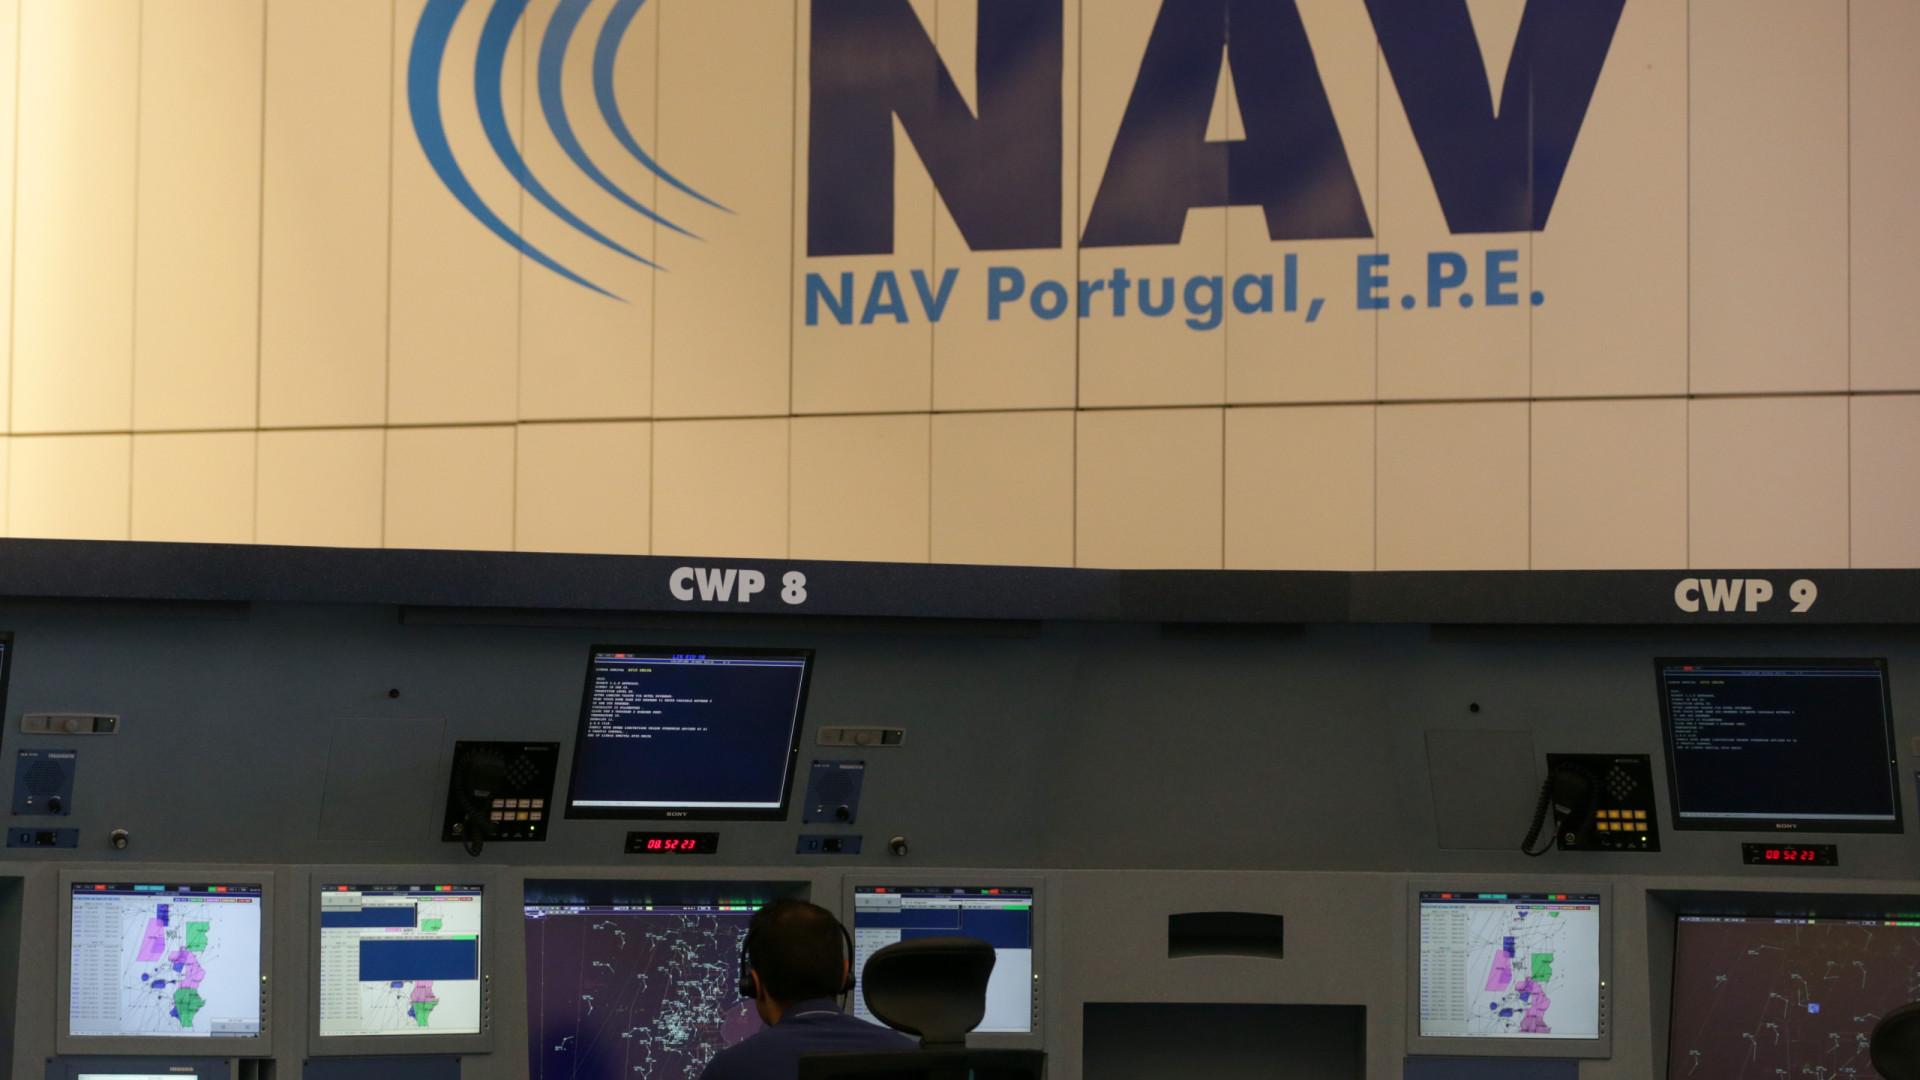 NAV oficializa acesso a novo sistema de gestão do espaço aéreo